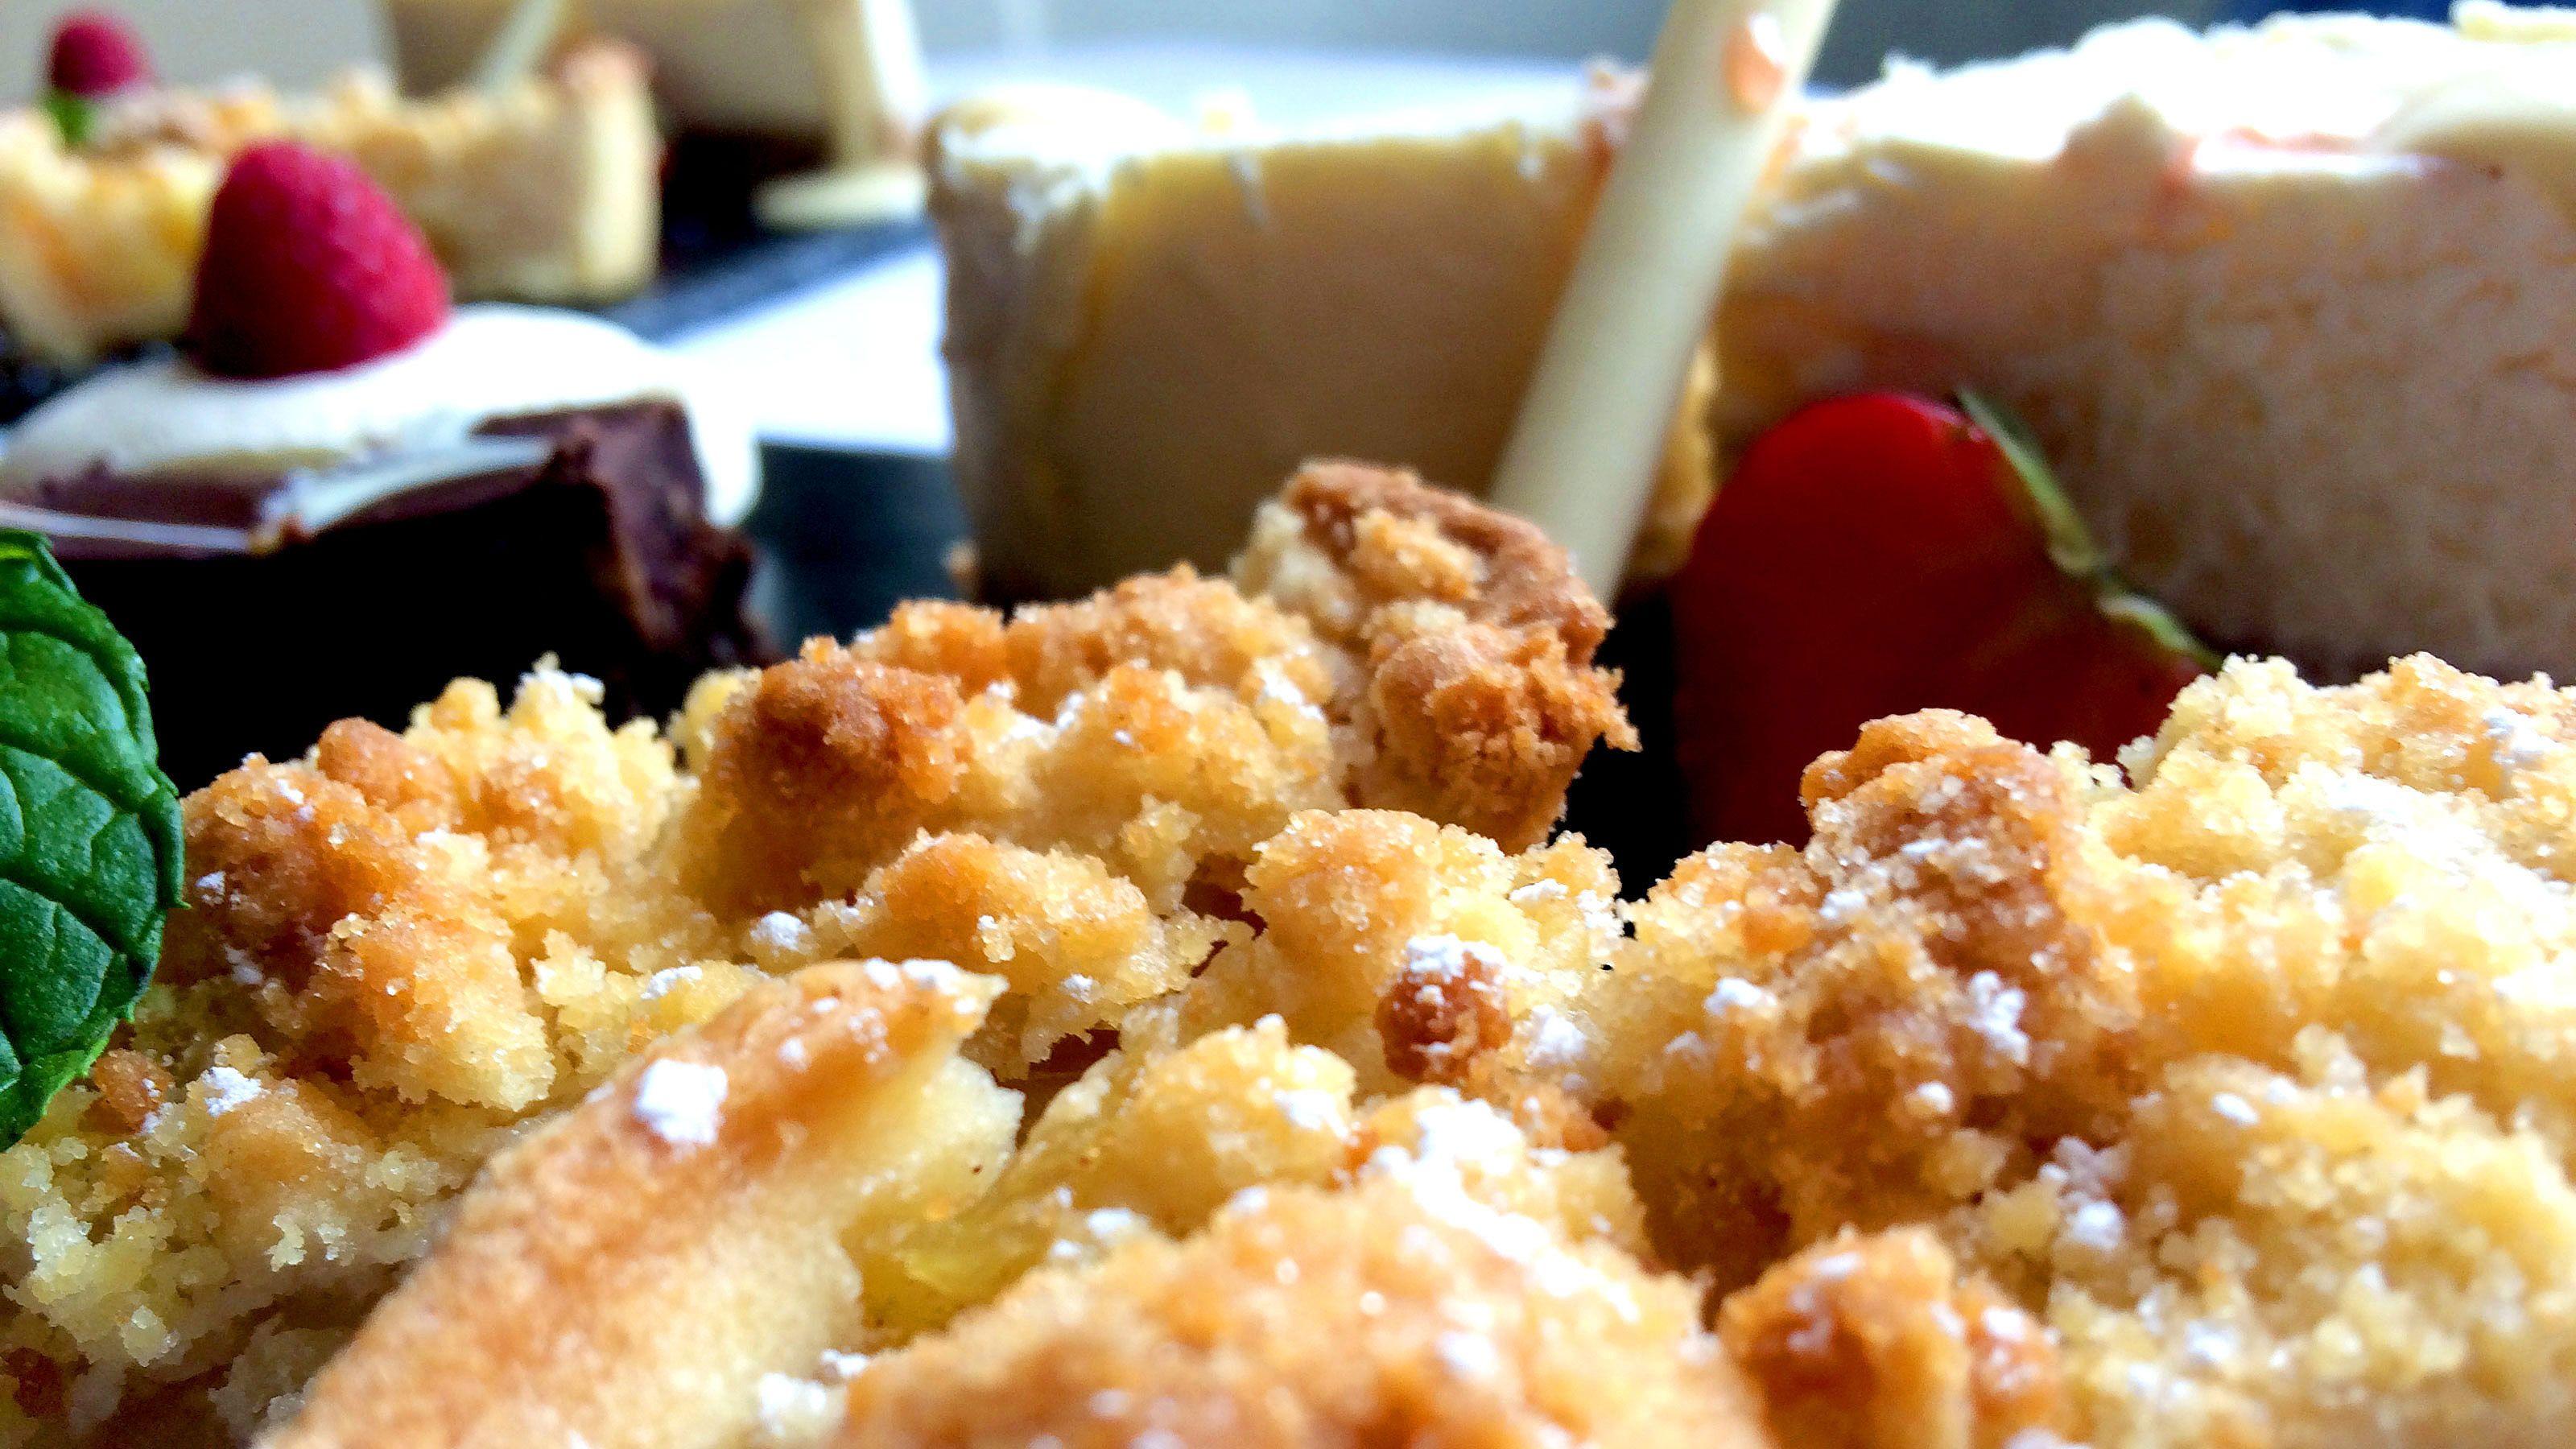 Dessert dishes served in a restaurant in Ireland